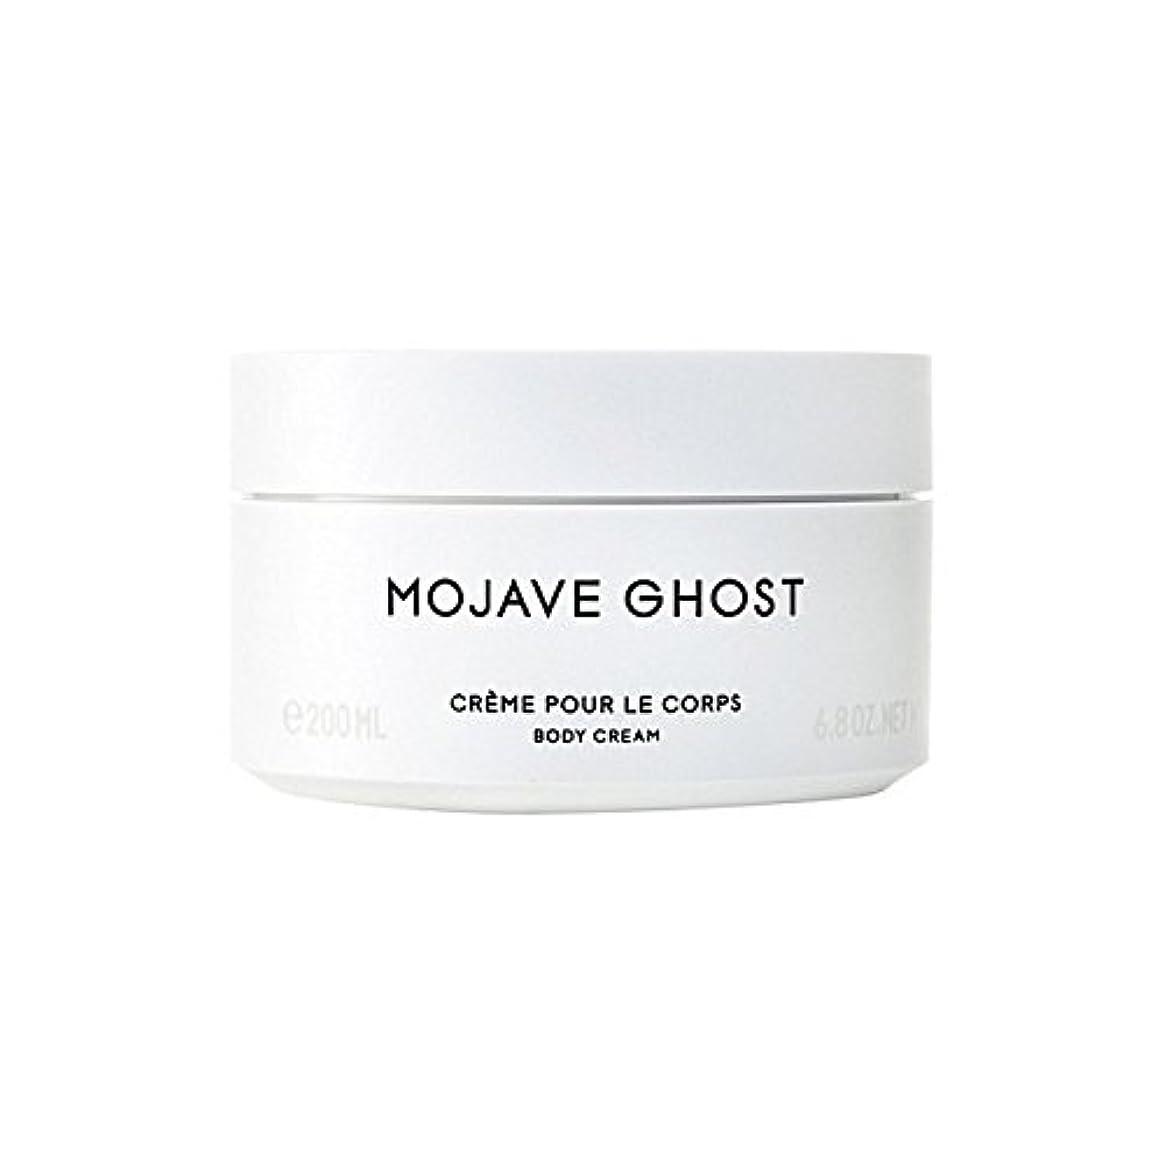 ティーンエイジャープログラム不適当Byredo Mojave Ghost Body Cream 200ml (Pack of 6) - モハーベゴーストボディクリーム200ミリリットル x6 [並行輸入品]